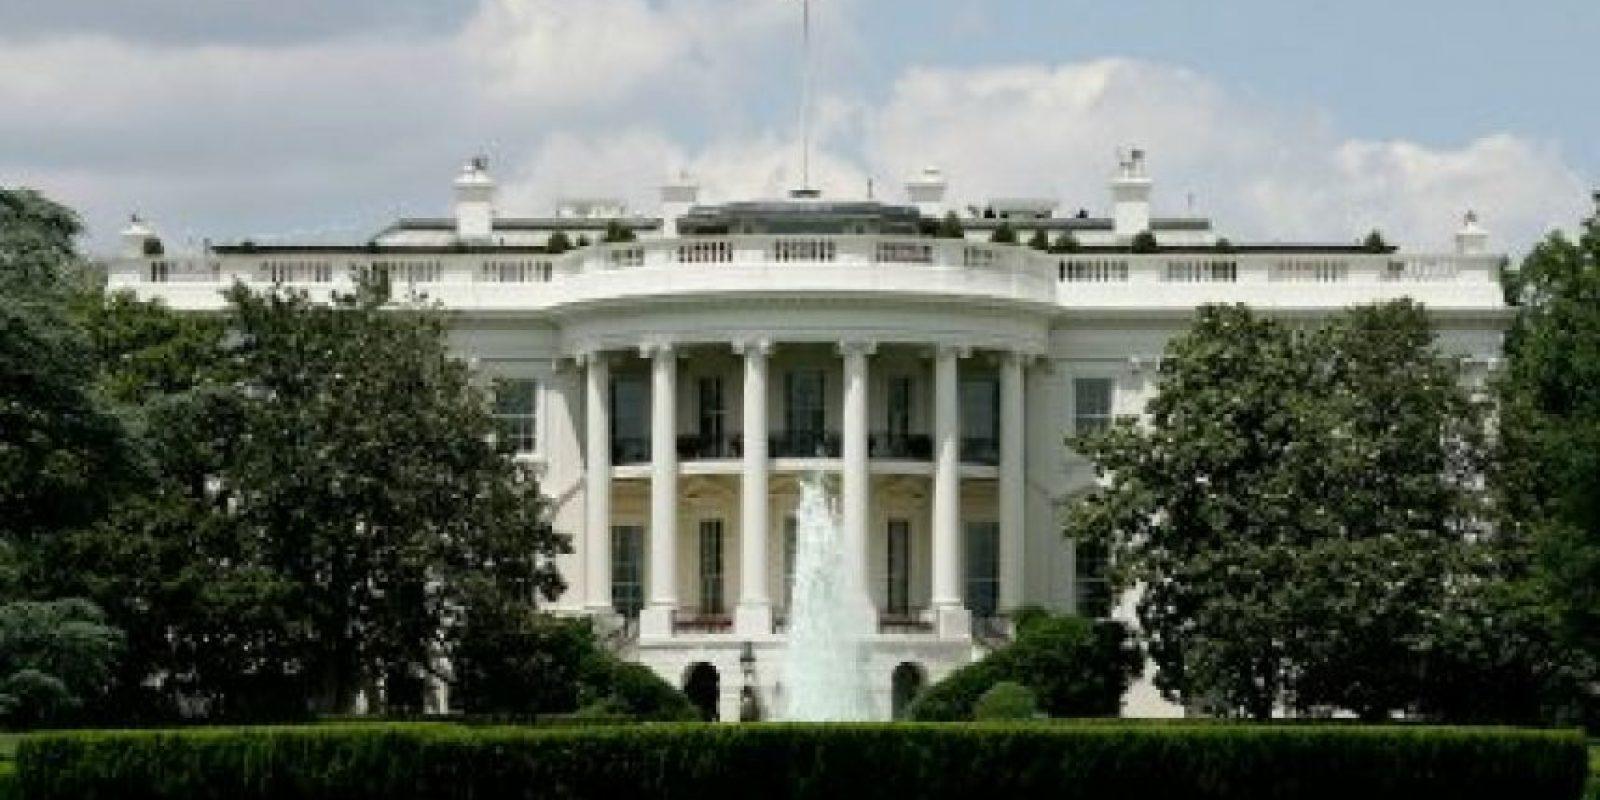 Aunque distintos presidentes la han usado, el que la inauguró fue John Adams en 1800, el segundo al mando de los Estados Unidos. Foto:Getty Images